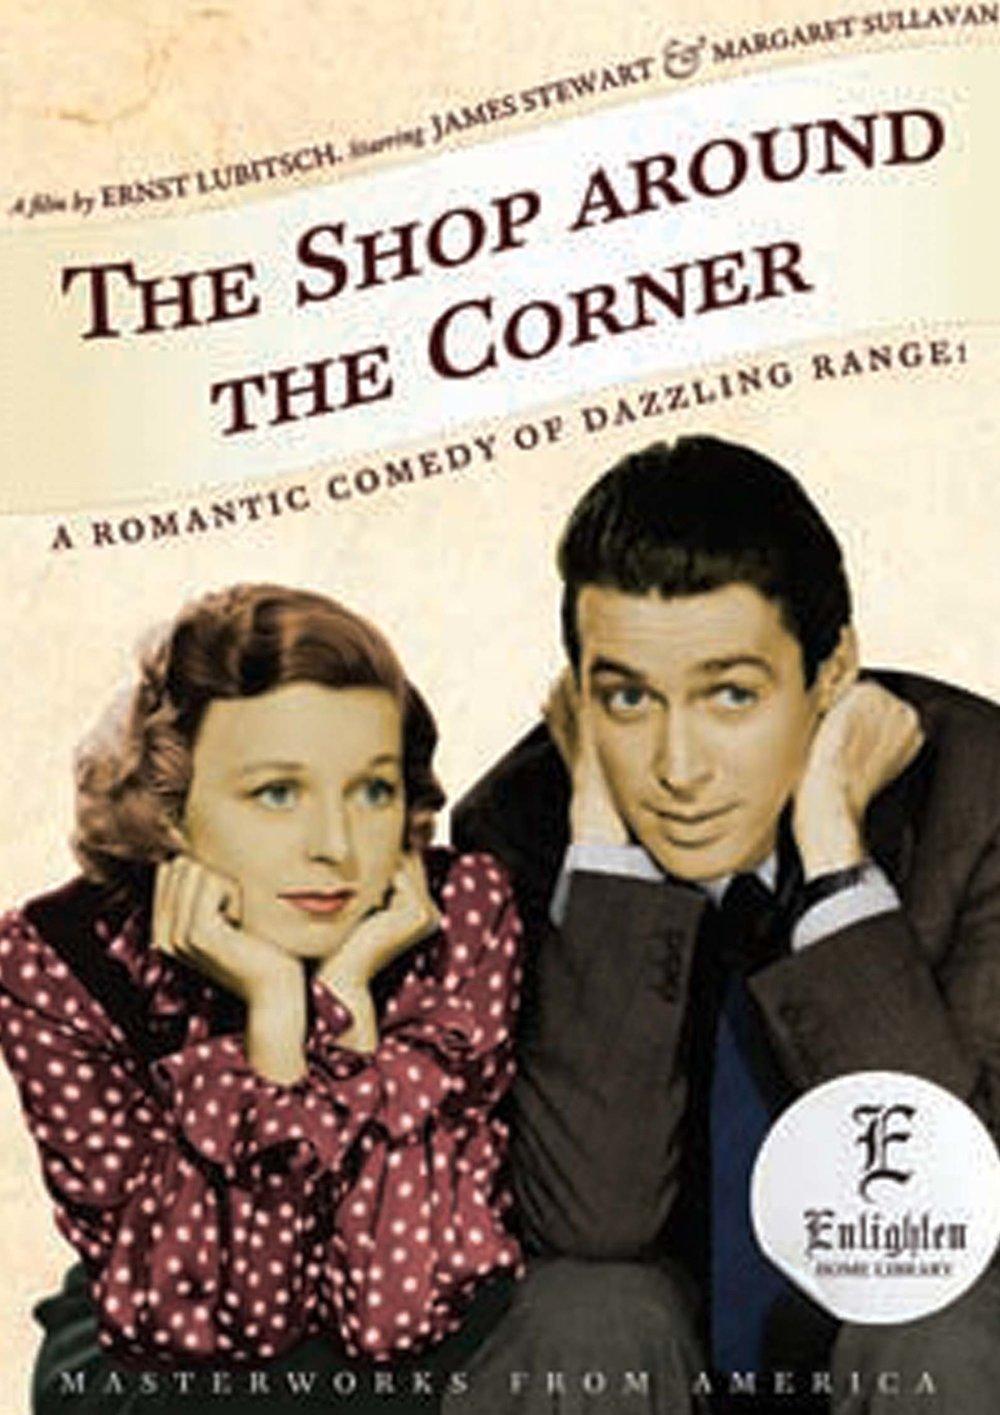 ShopAroundtheCorner.jpg